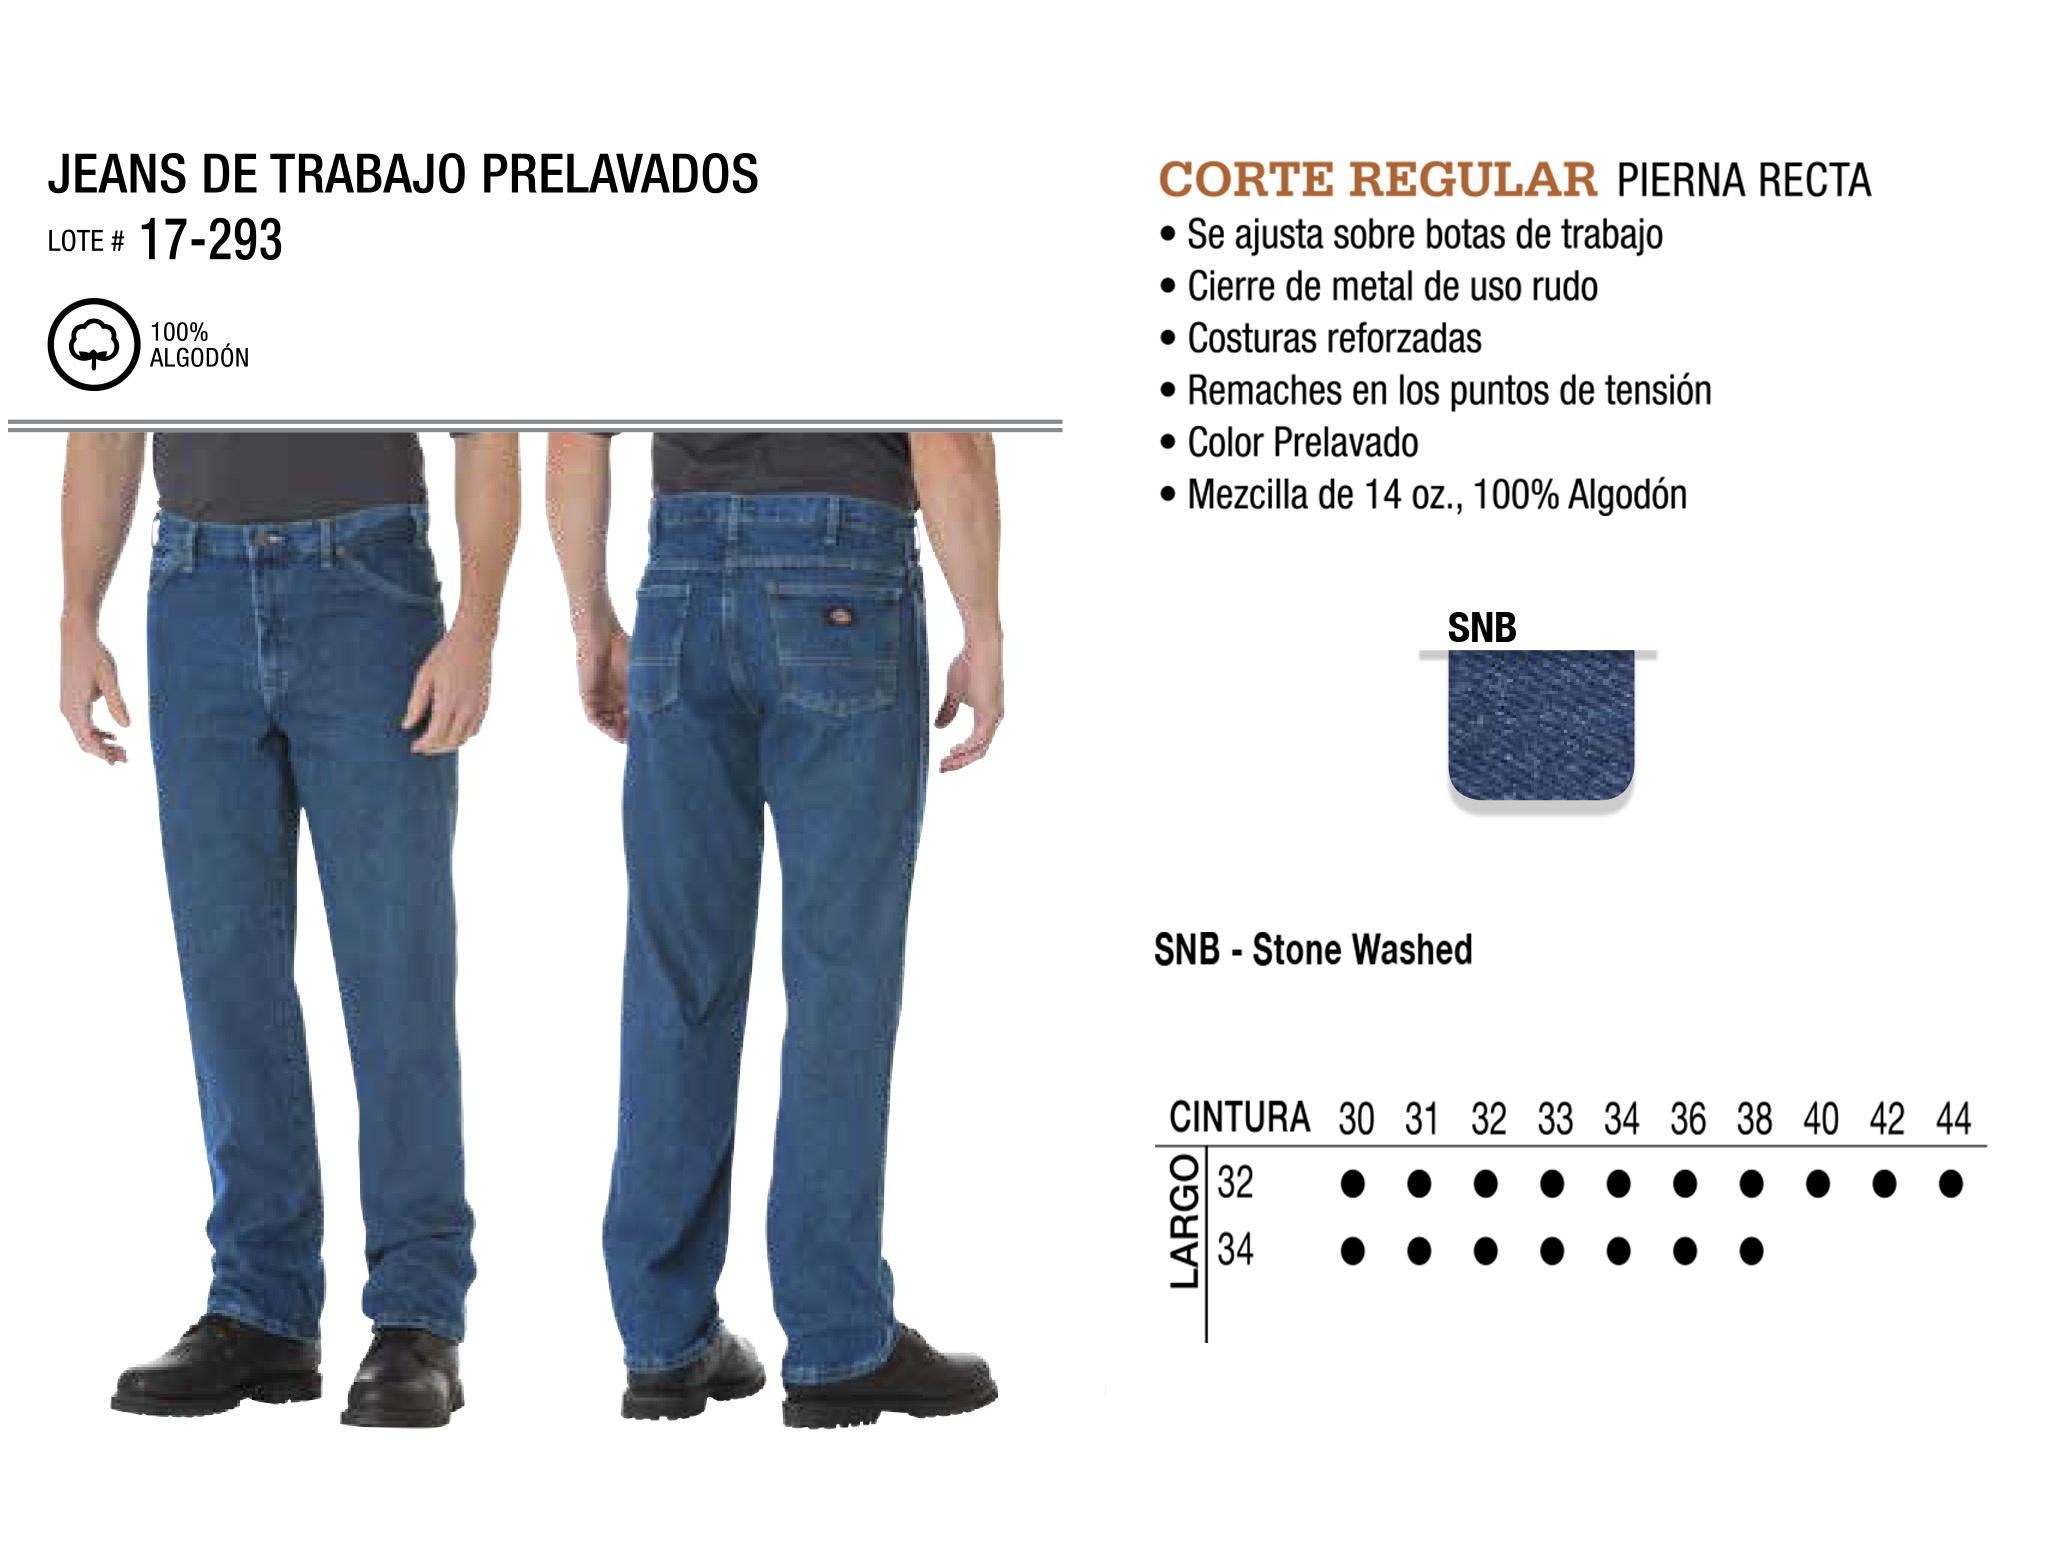 Jeans de Trabajo Prelavados. Corte Regular. 17-293.